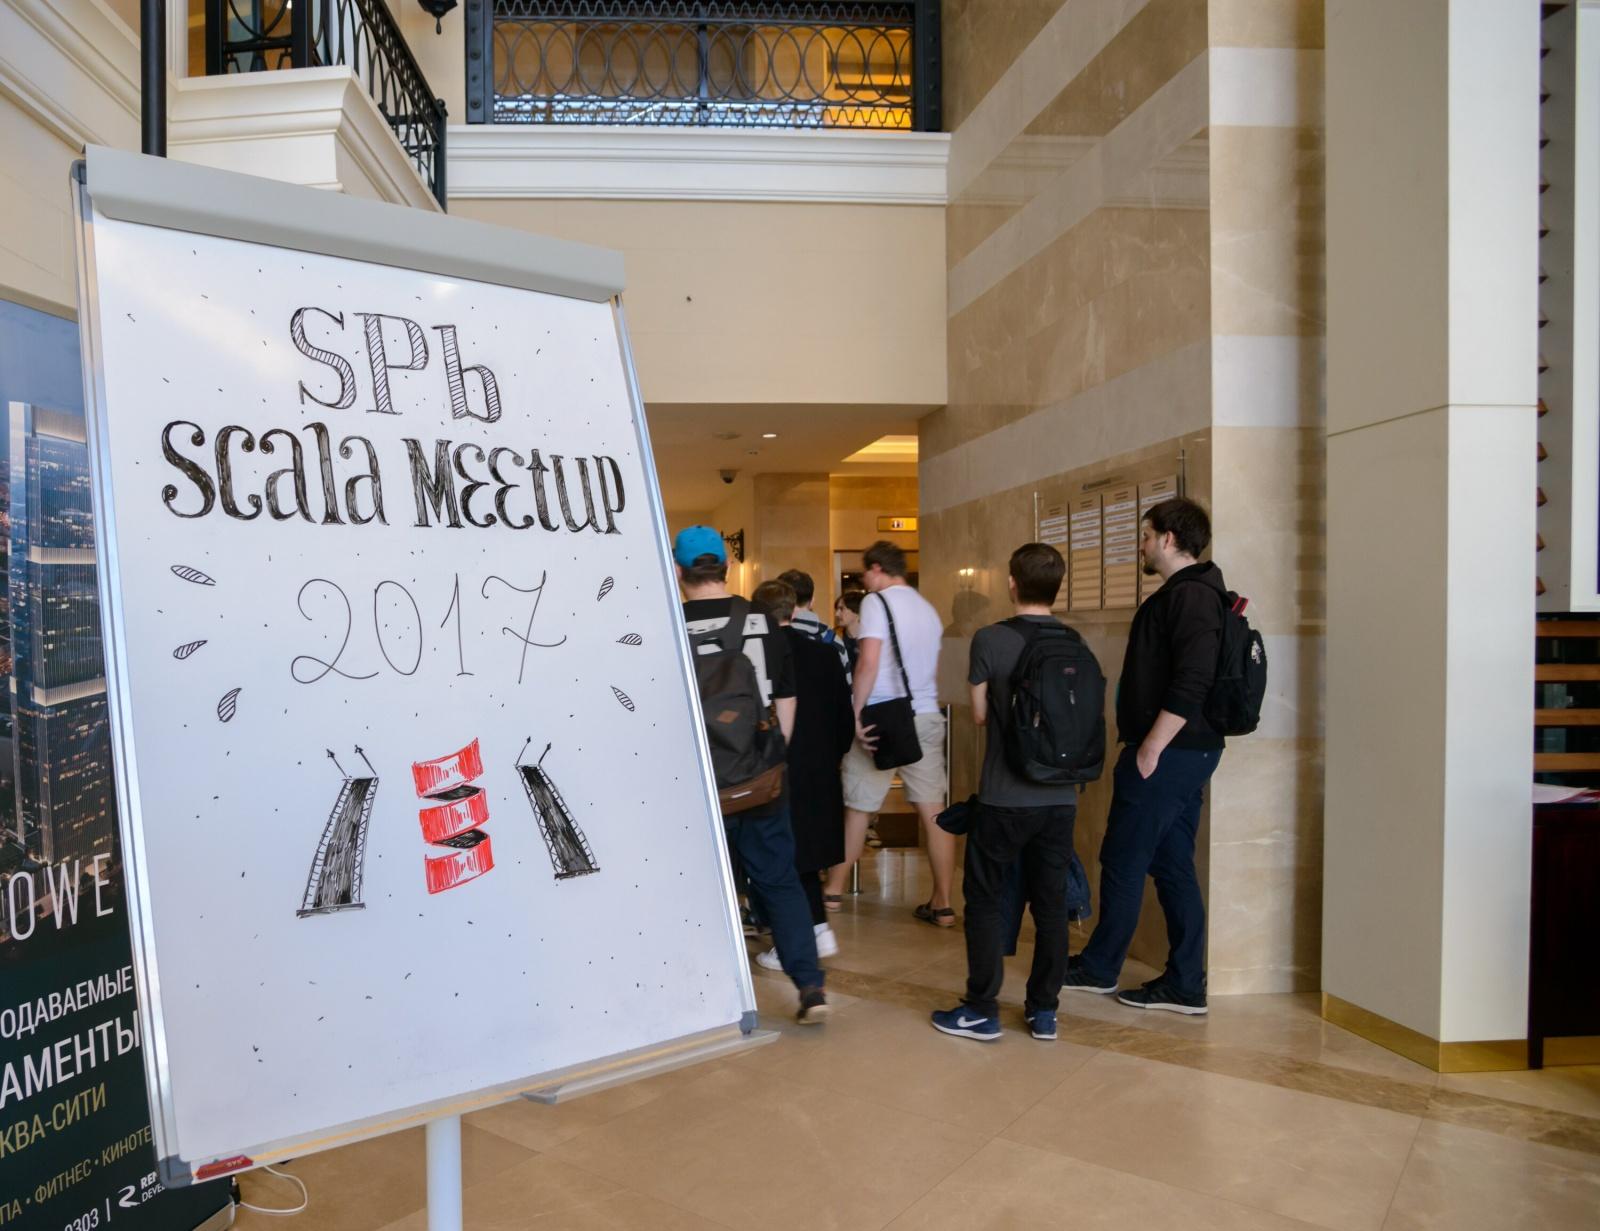 «Если бы сейчас начали сначала, снова выбрали бы Scala»: Tinkoff.ru о Scala-разработке - 1